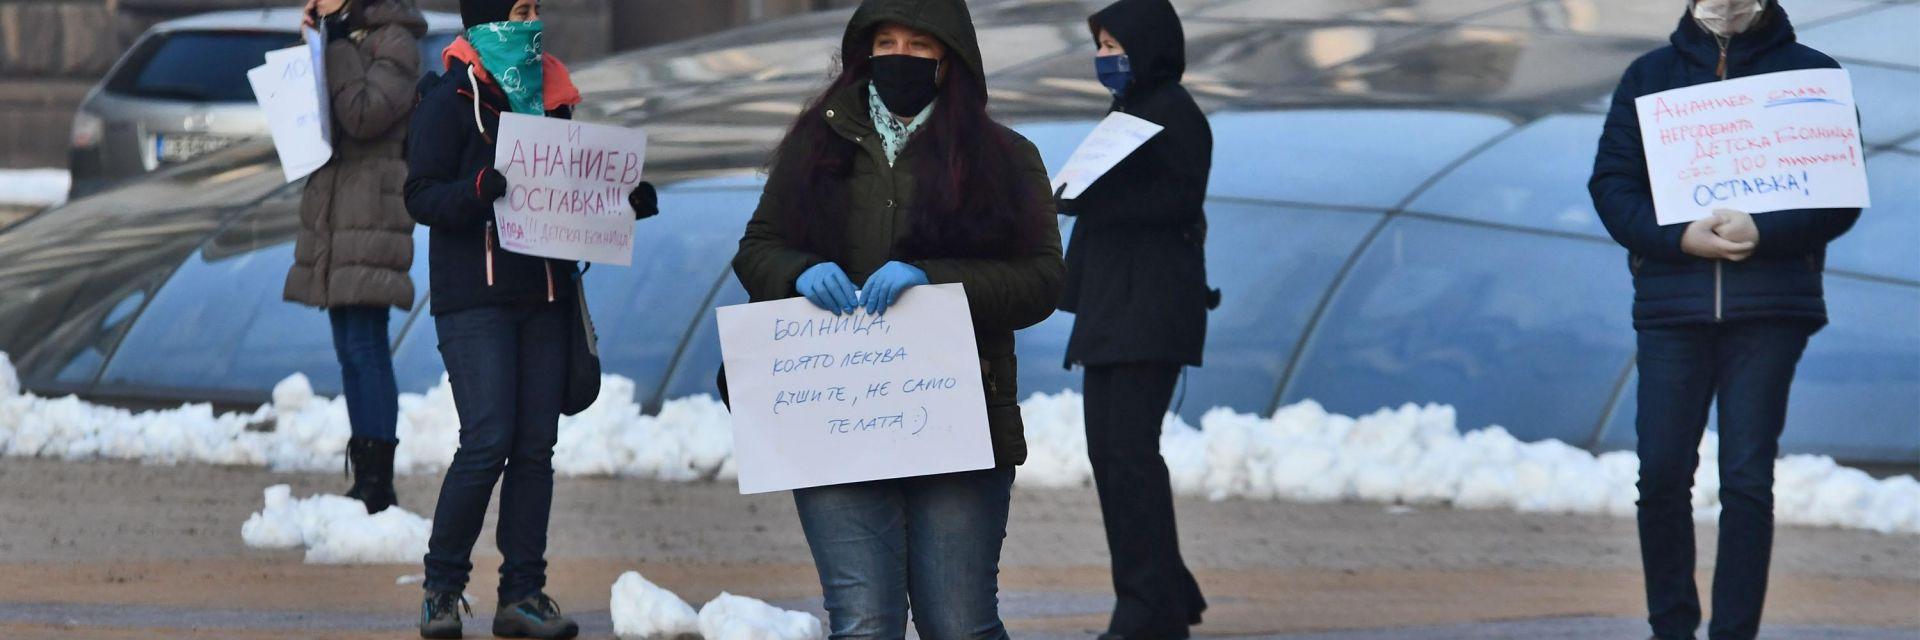 Протестираха срещу доизграждане на Националната детска болница (снимки)